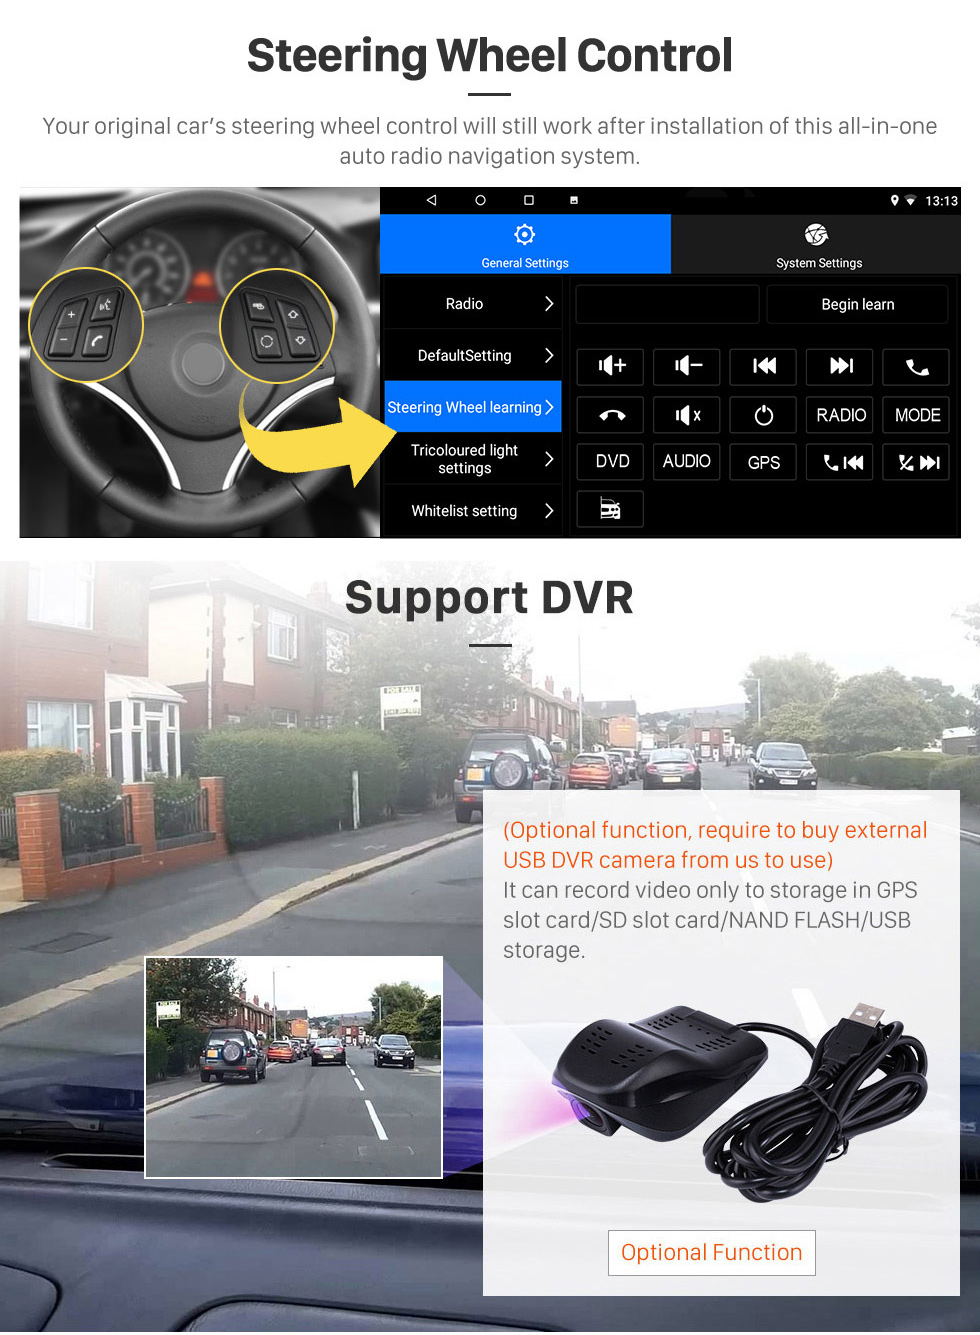 Seicane Écran tactile HD 9 pouces Android 8.1 Radio de navigation GPS pour 2011-2016 Lifan X60 avec support Bluetooth USB WIFI AUX DVR Carplay SWC 3G caméra de recul